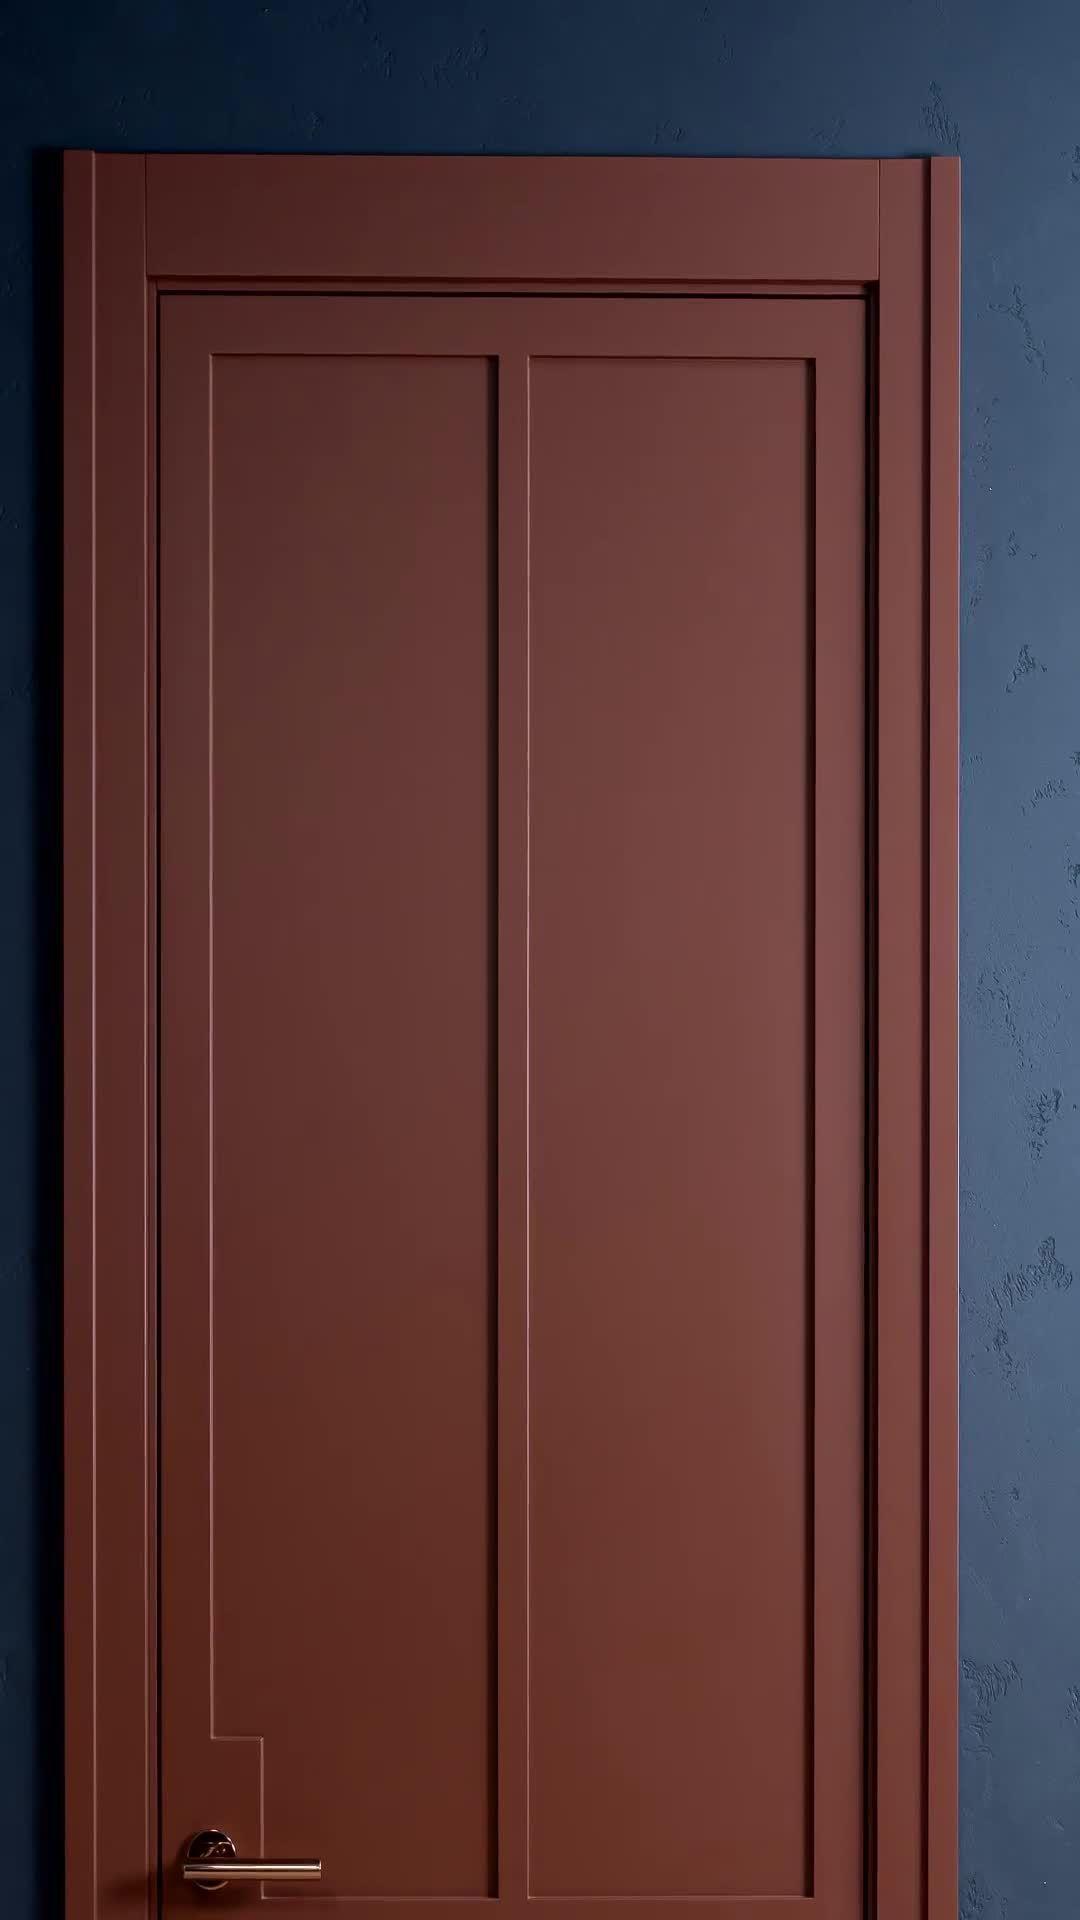 Enamel doors.